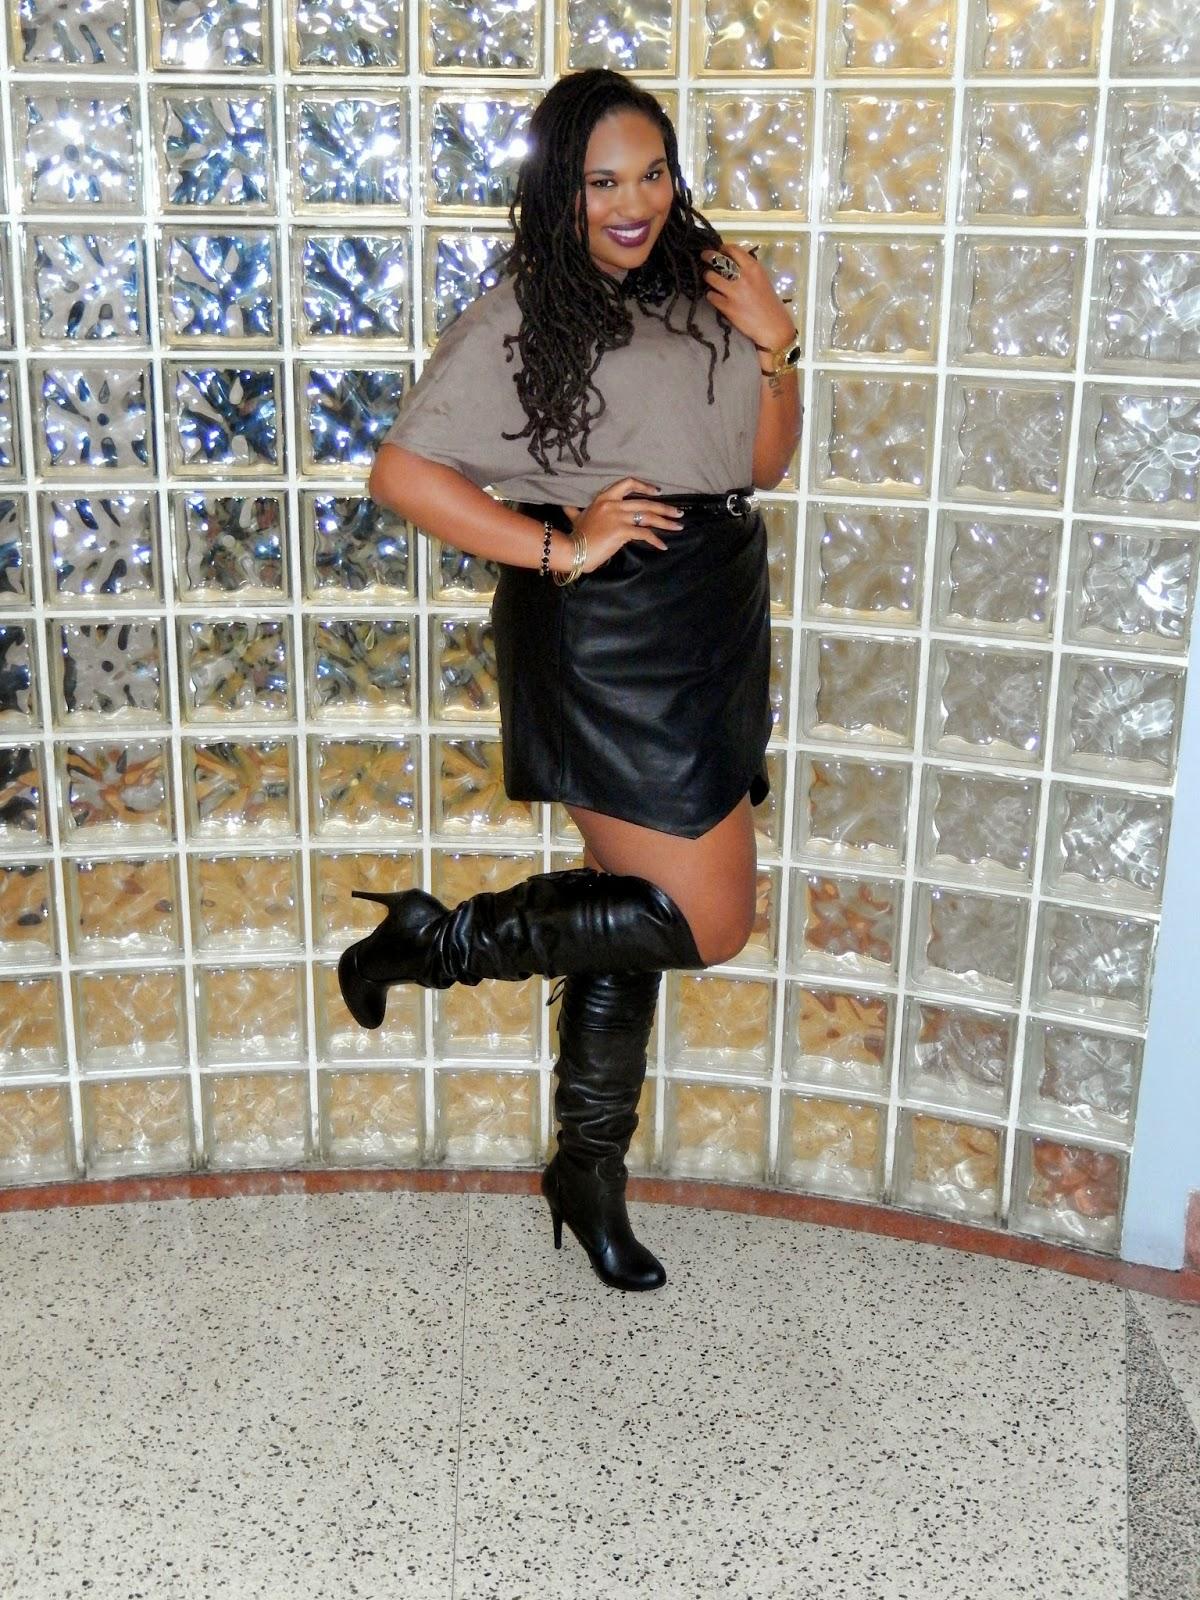 A-Line Skirt & Thigh Highs - A Thick Girl\'s Closet